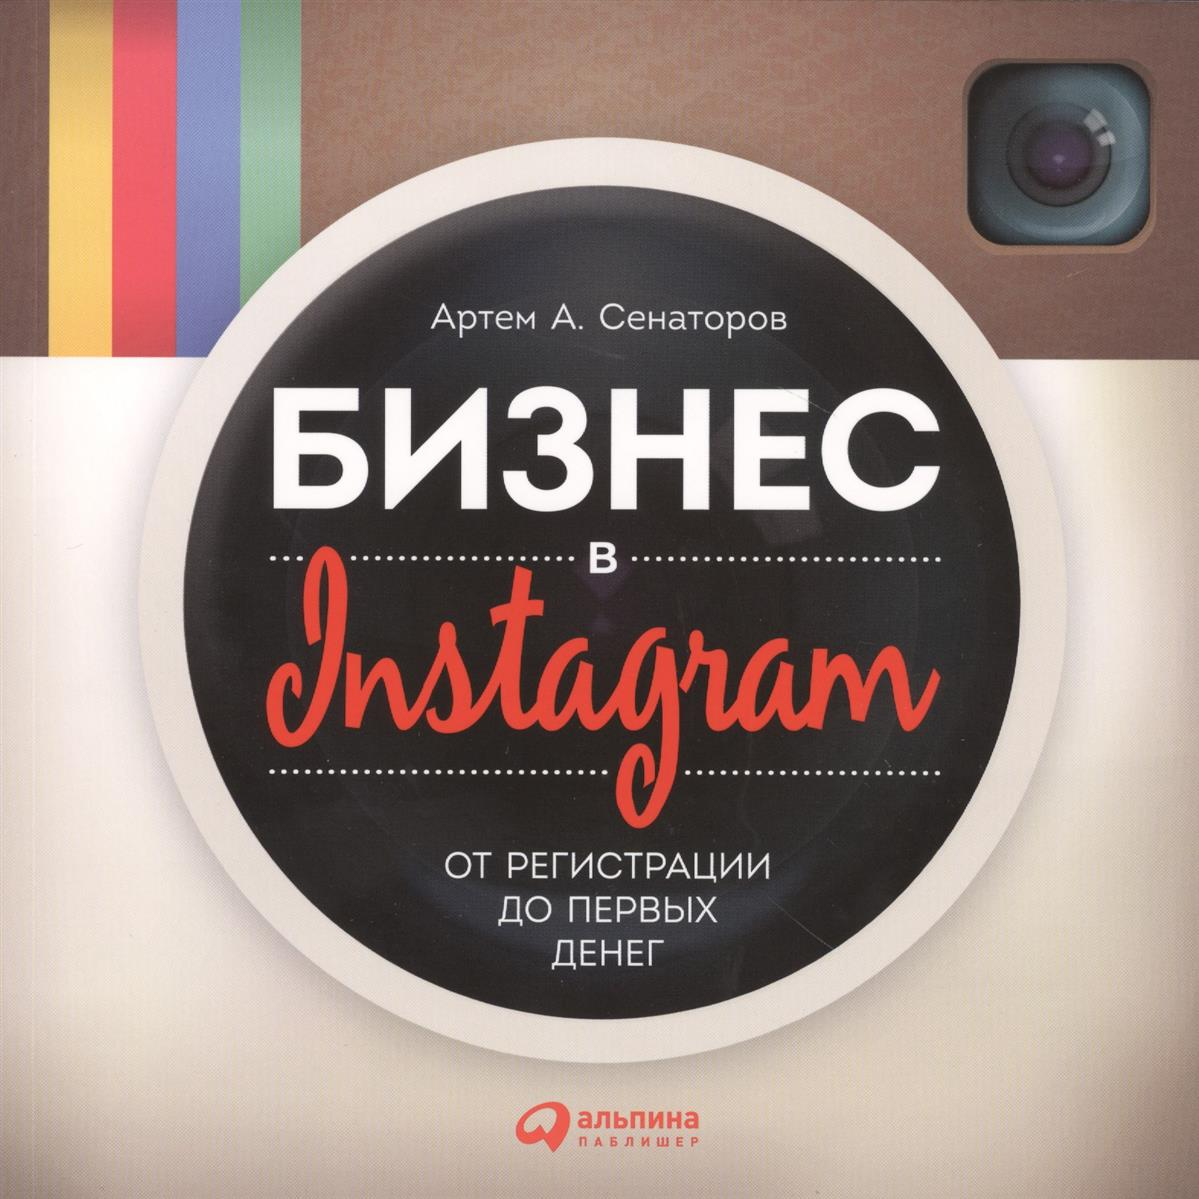 Сенаторов А. Бизнес в Instagram: От регистрации до первых денег instagram socialmatic camera цена